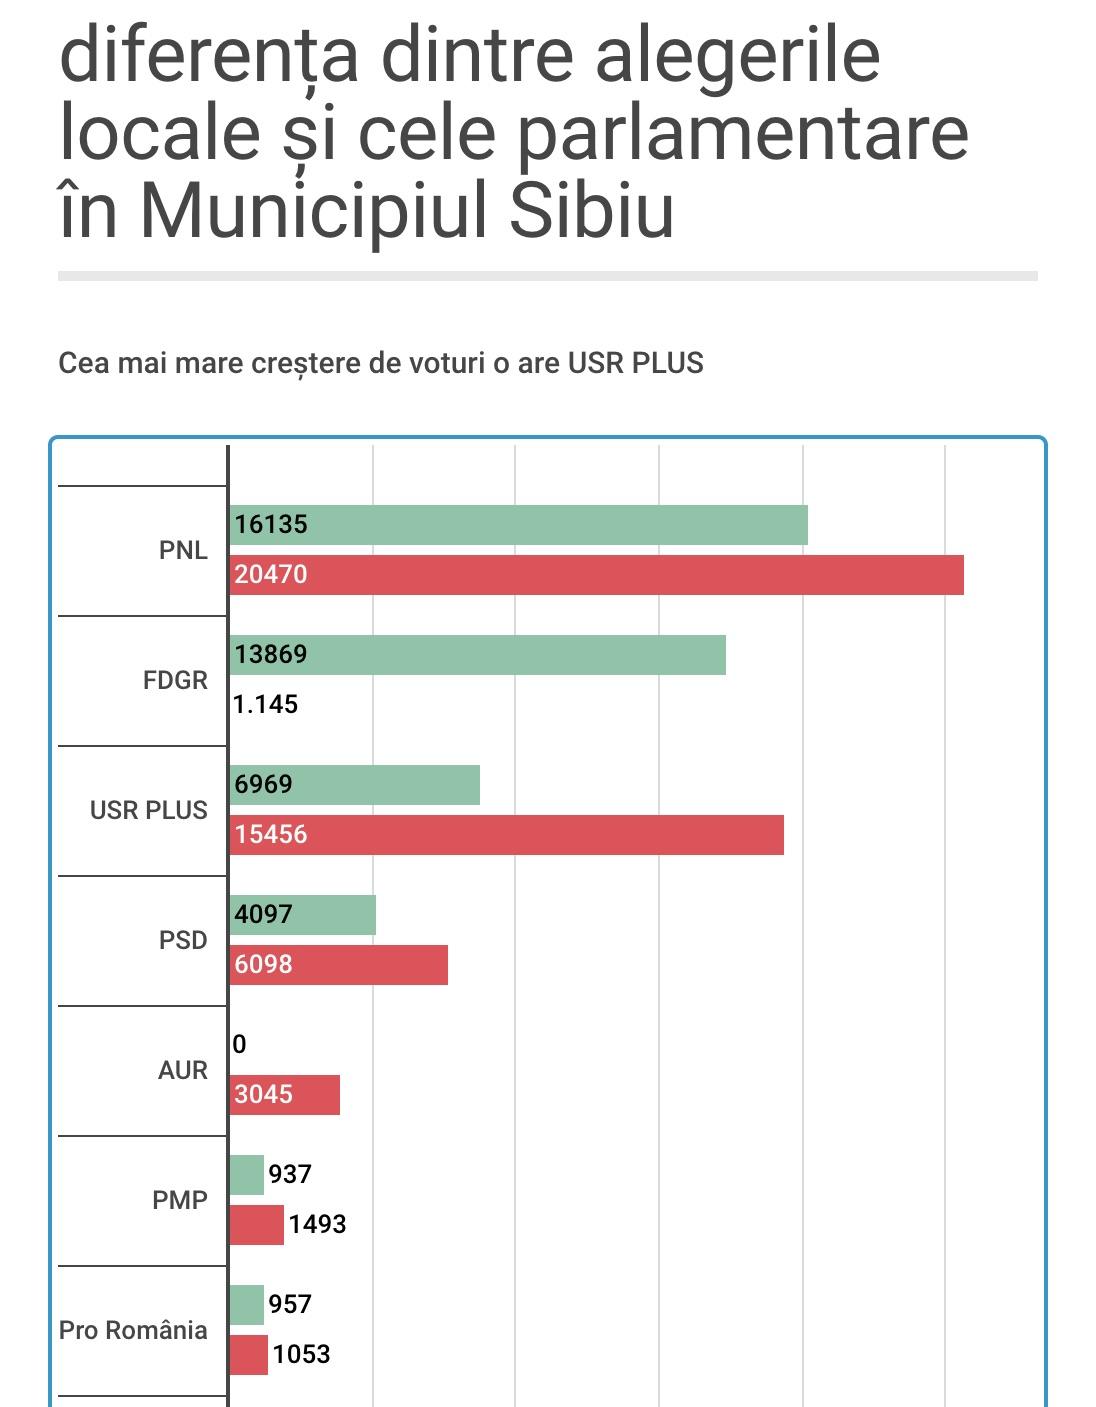 Analiză: În Municipiul Sibiu prezența la parlamentare a fost mai mare decât la locale. Voturile FDGR s-au dus în cea mai mare parte către USR PLUS